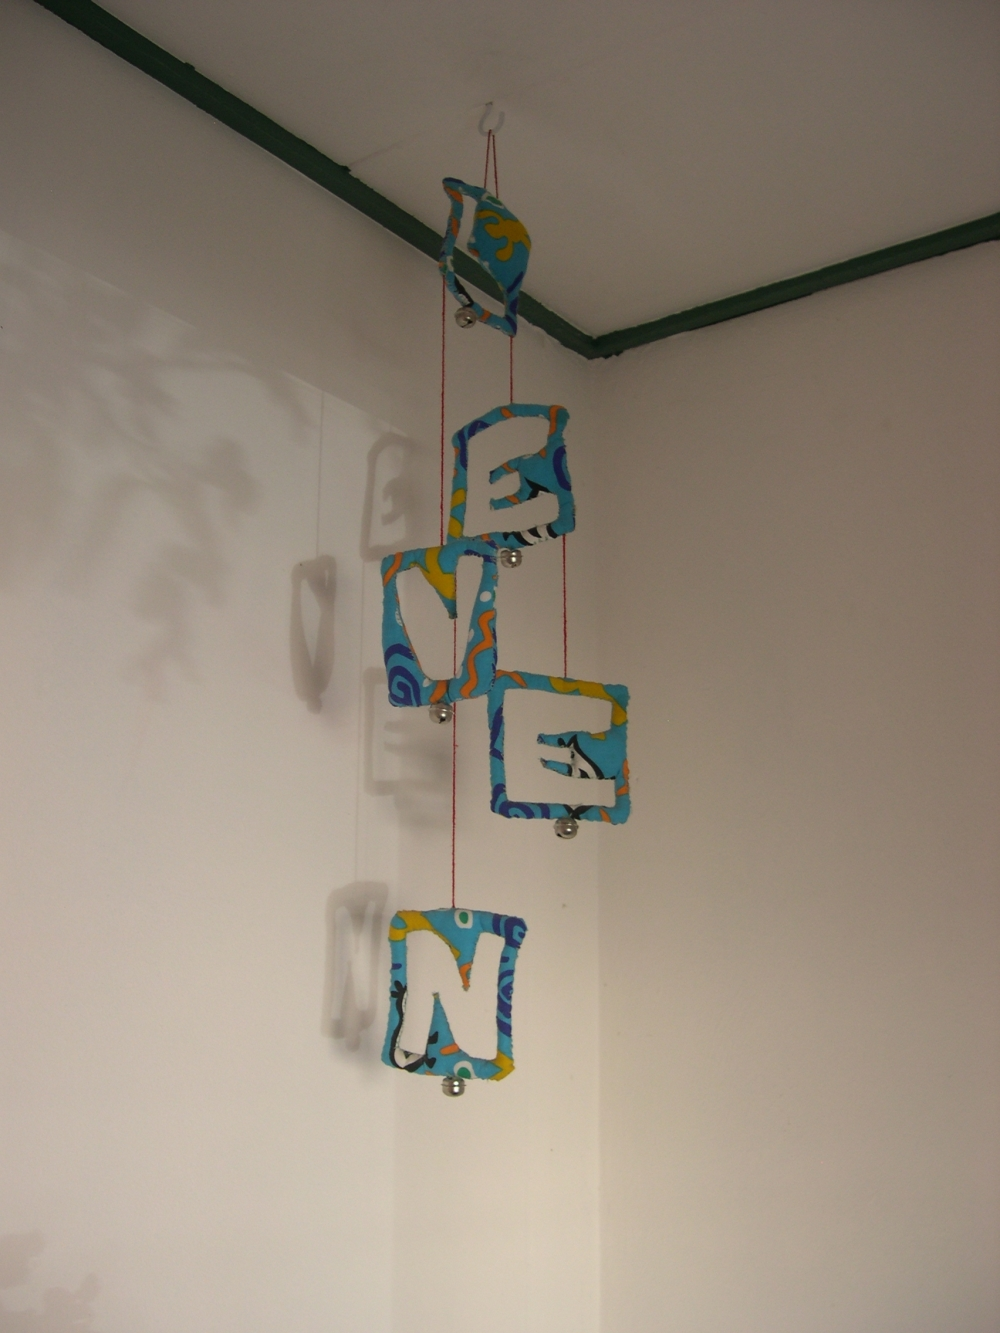 leven is een mobile 26/10/2010 acg vianen